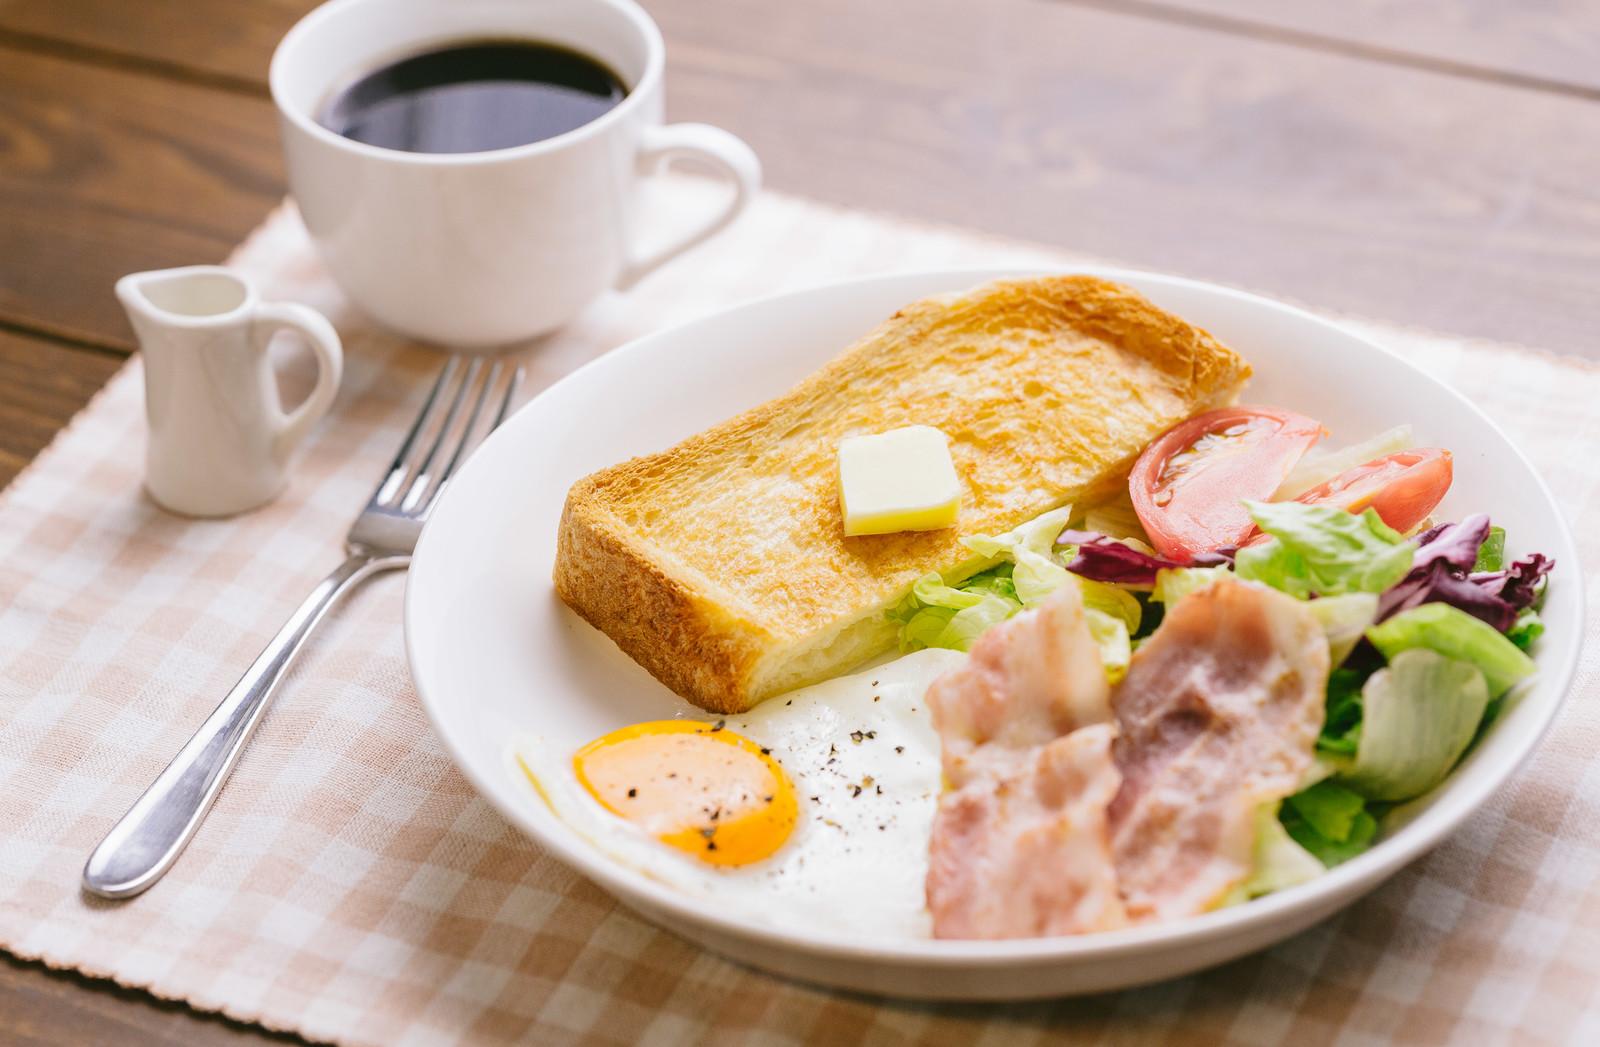 栄養バランスの良い朝食風景